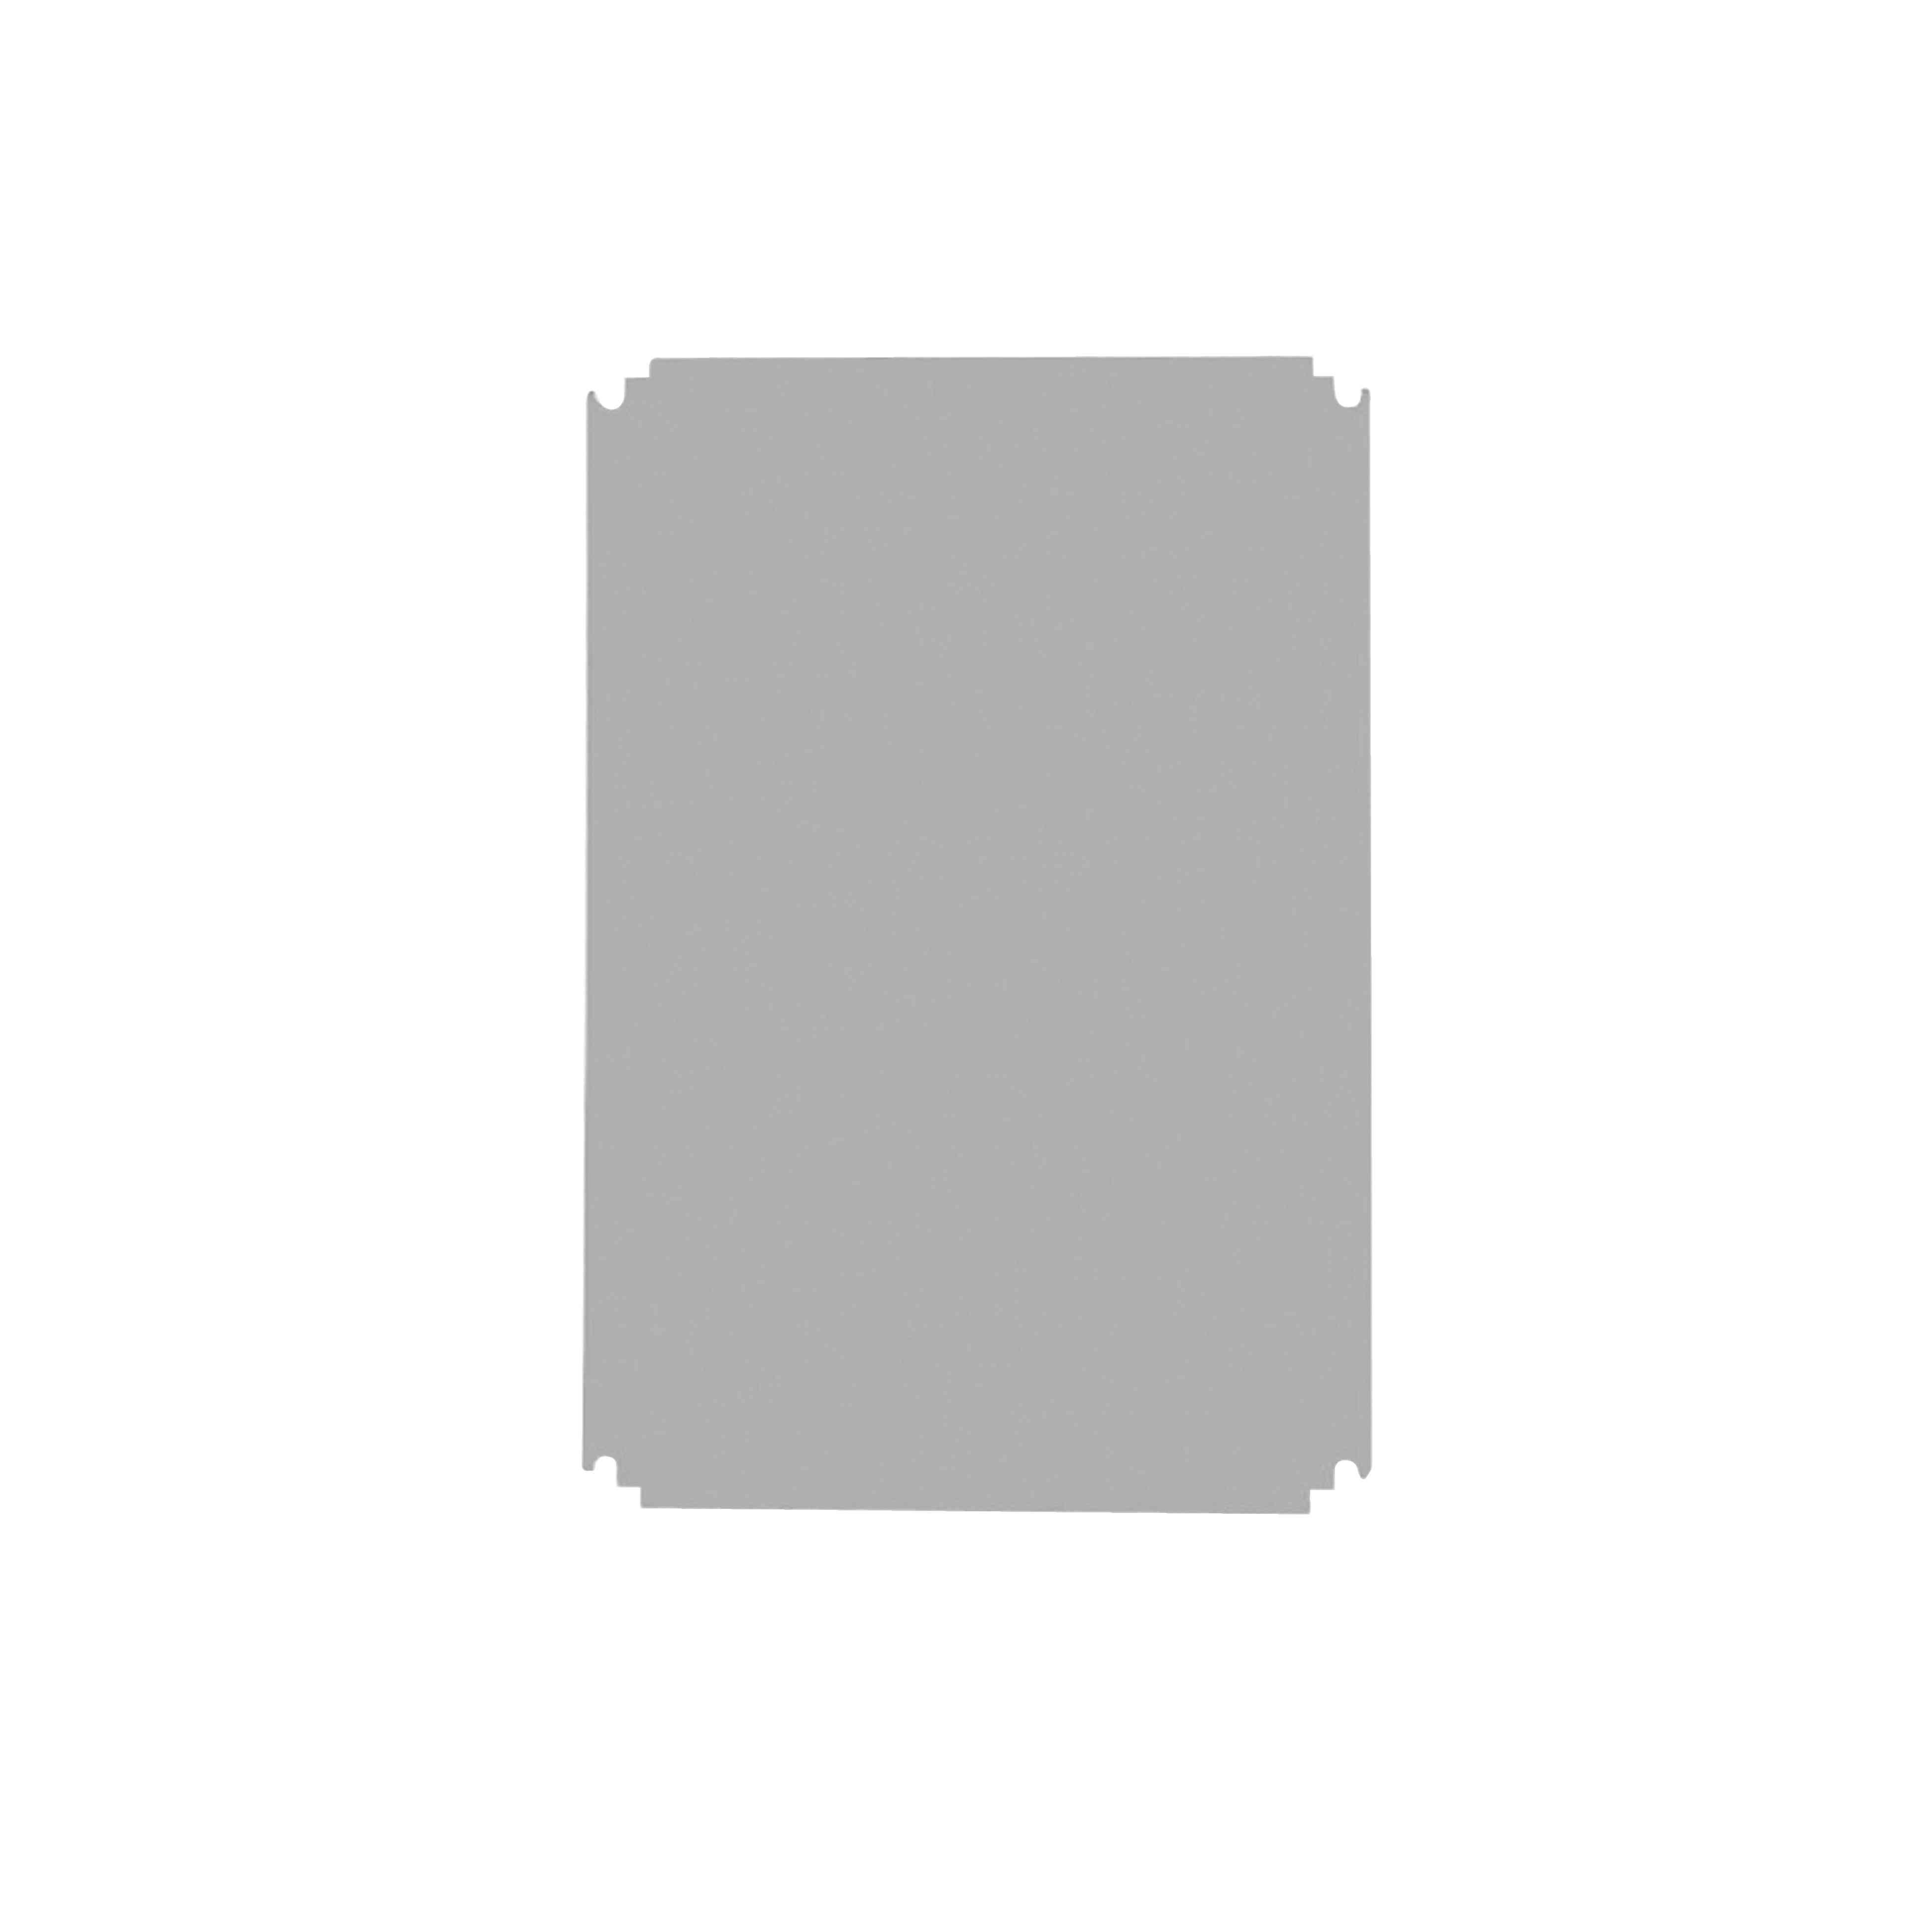 Izolacijska poliestrska montažna plošča za omaro PLS 18 x 27 cm